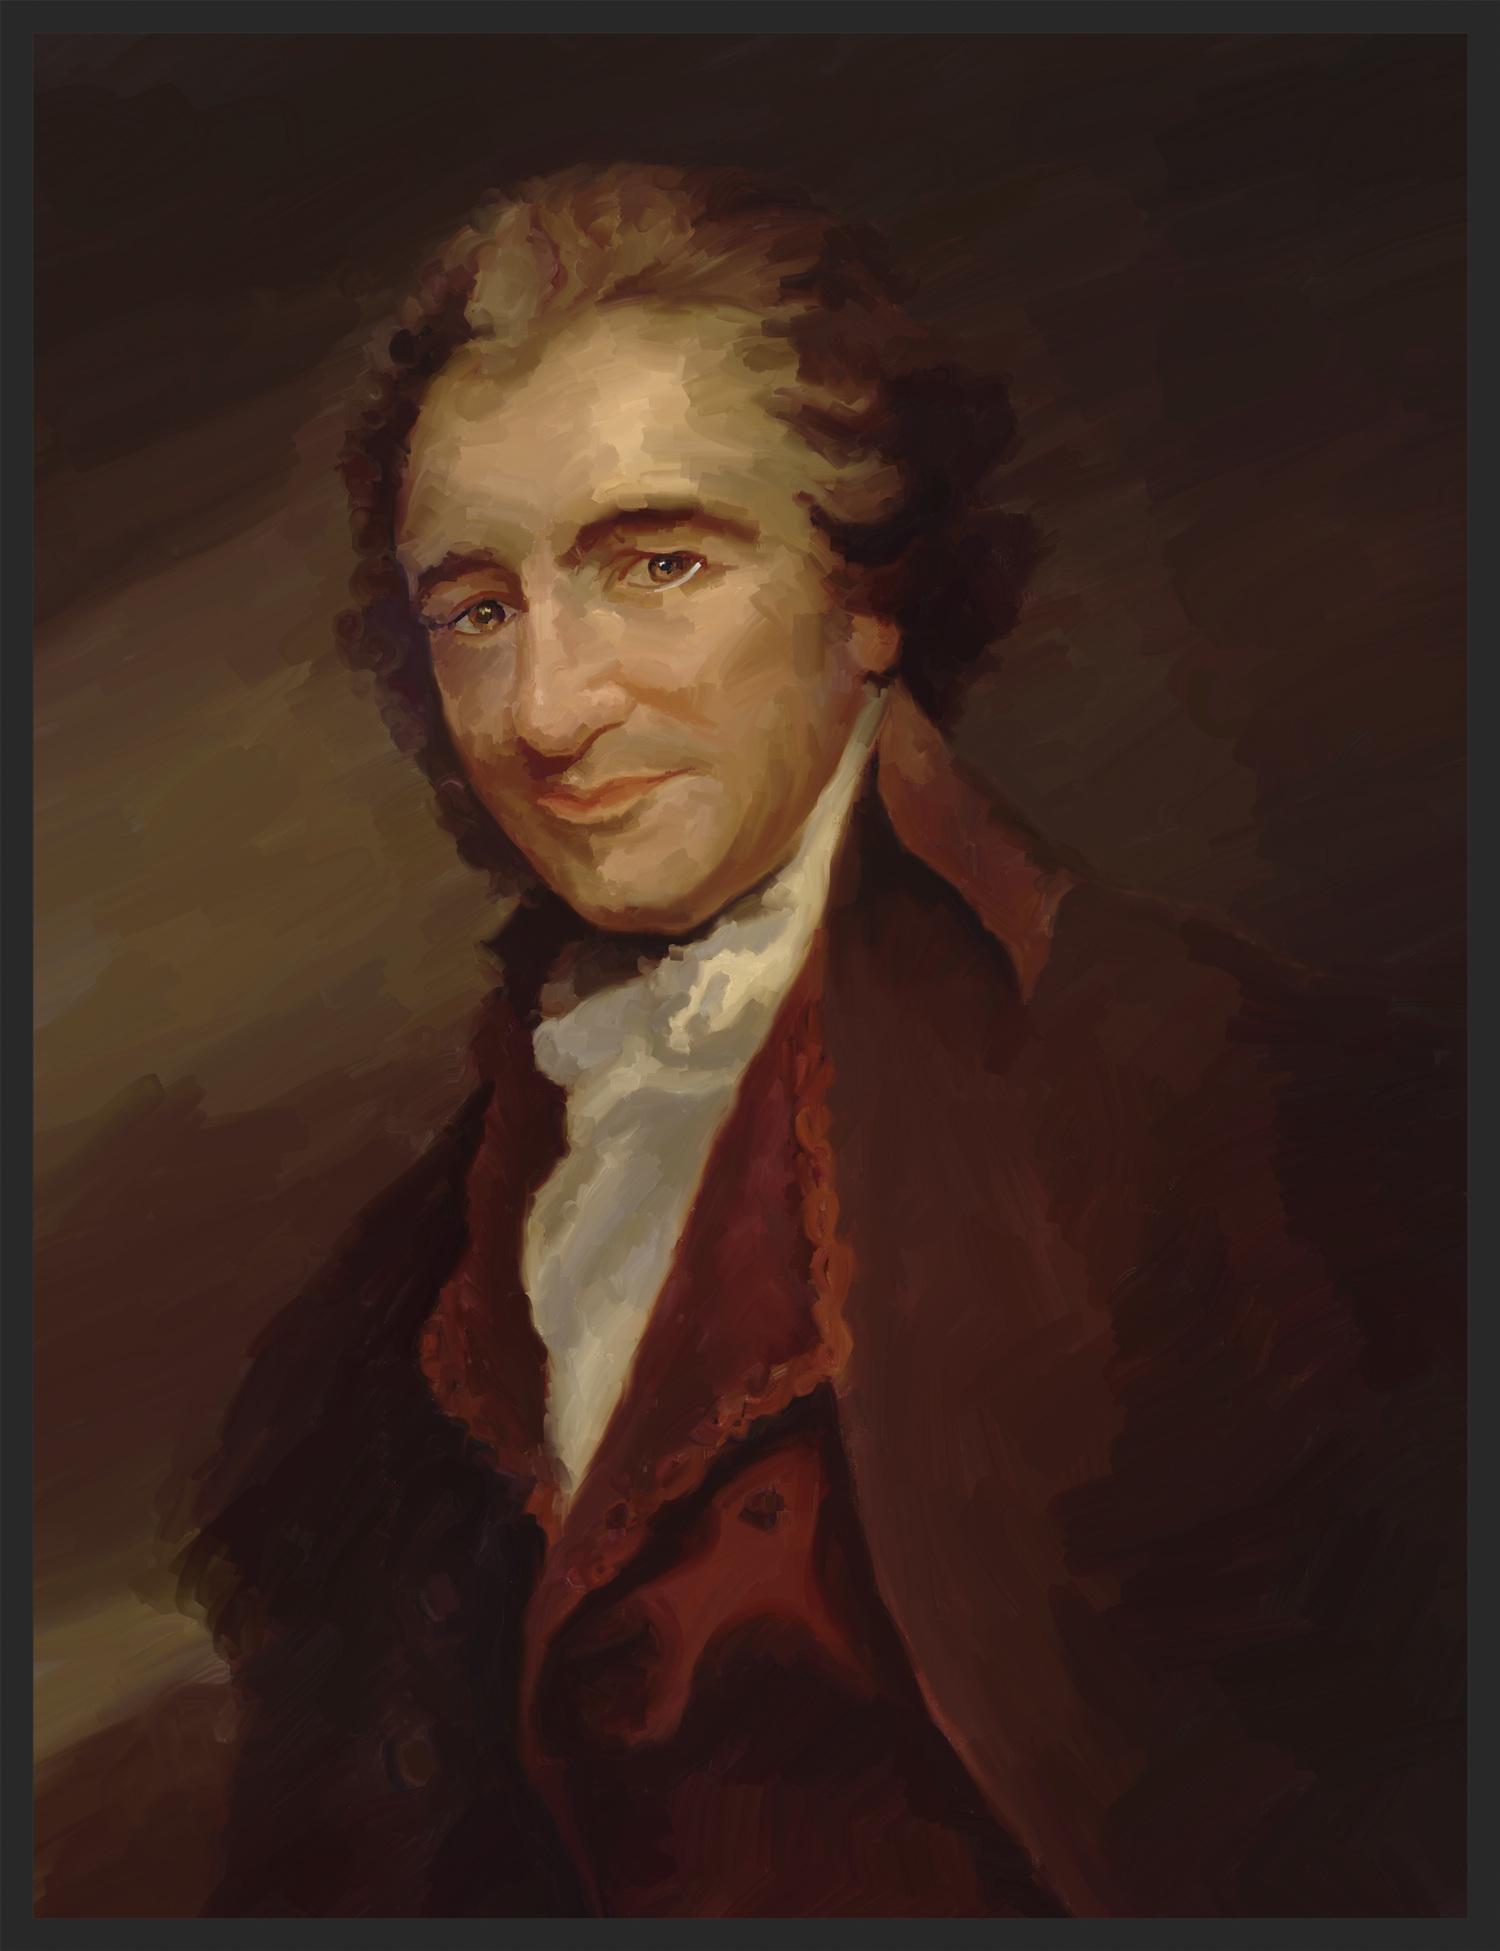 Firebrand of Liberty, Thomas Paine.